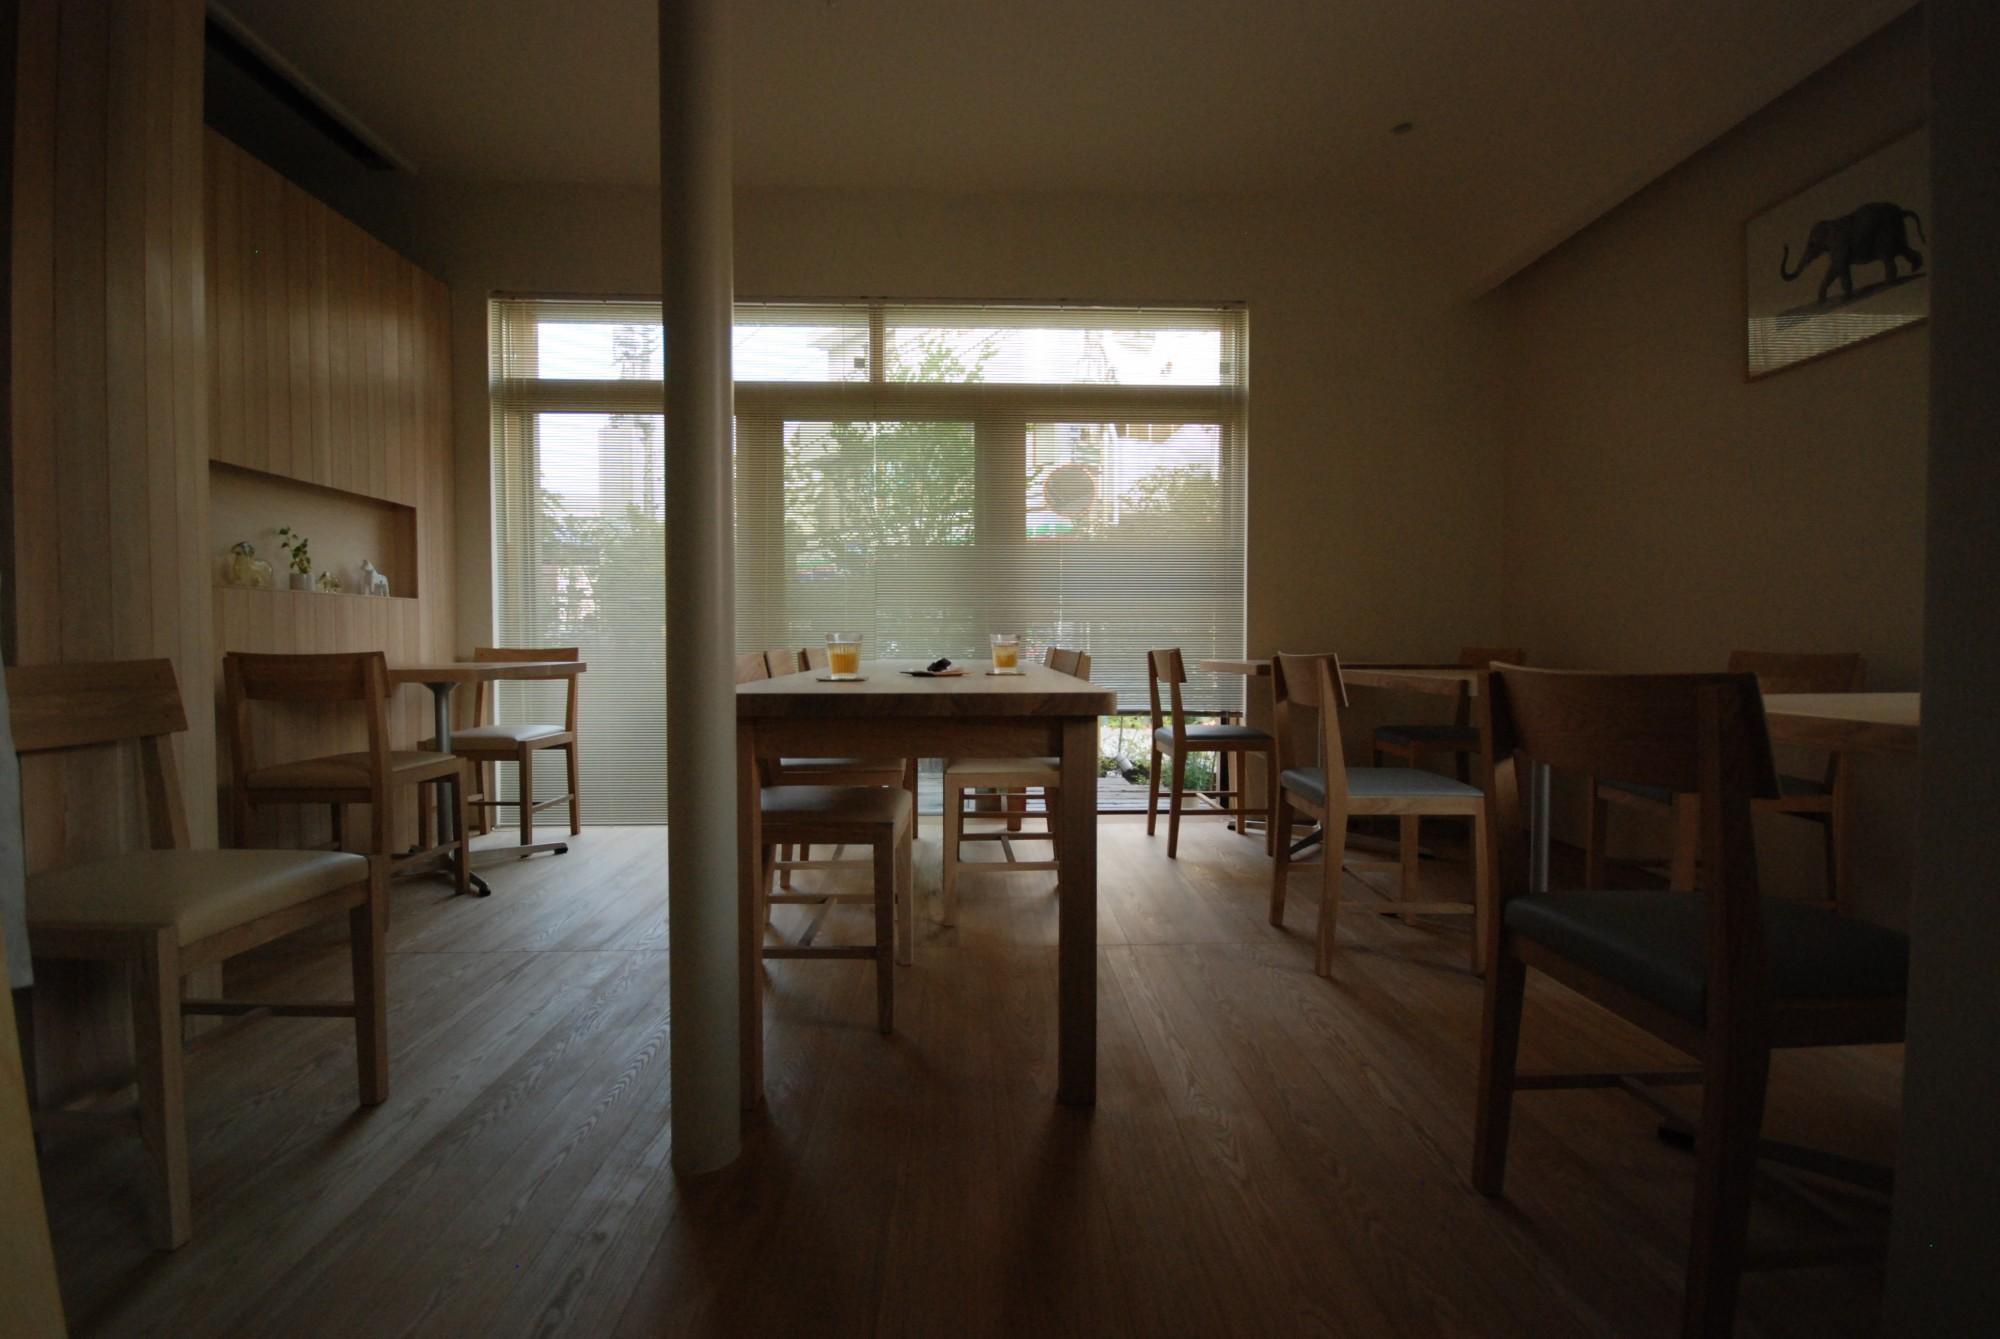 新逗子のmerci cafeさんの家具の納品がすべて終わりました。